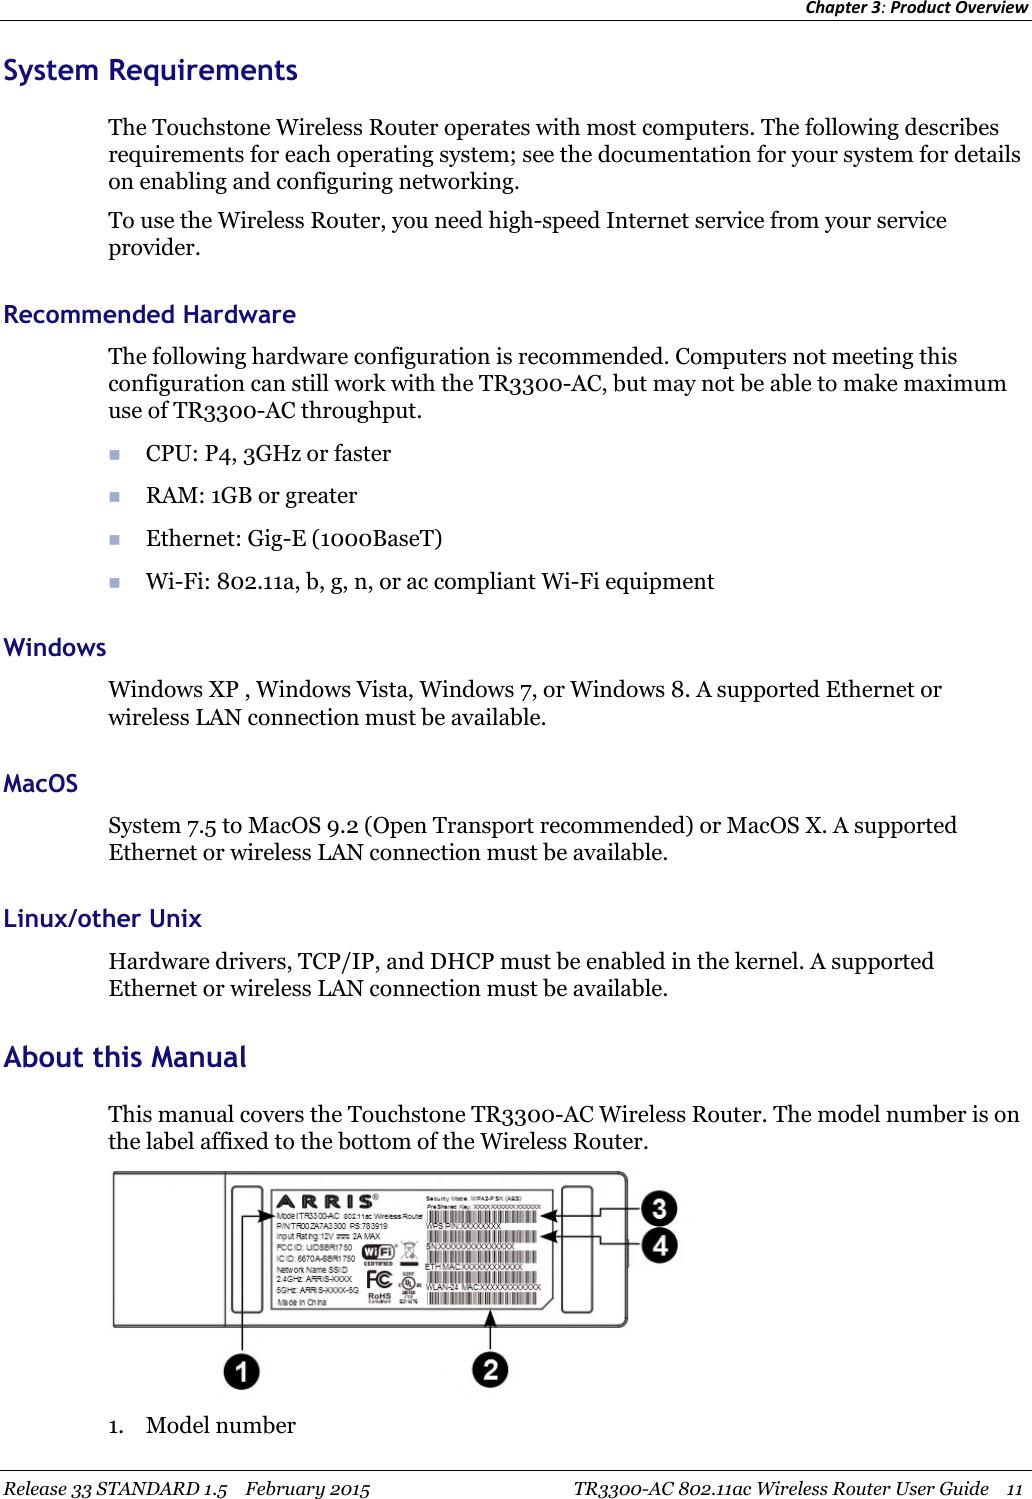 manual ac guide